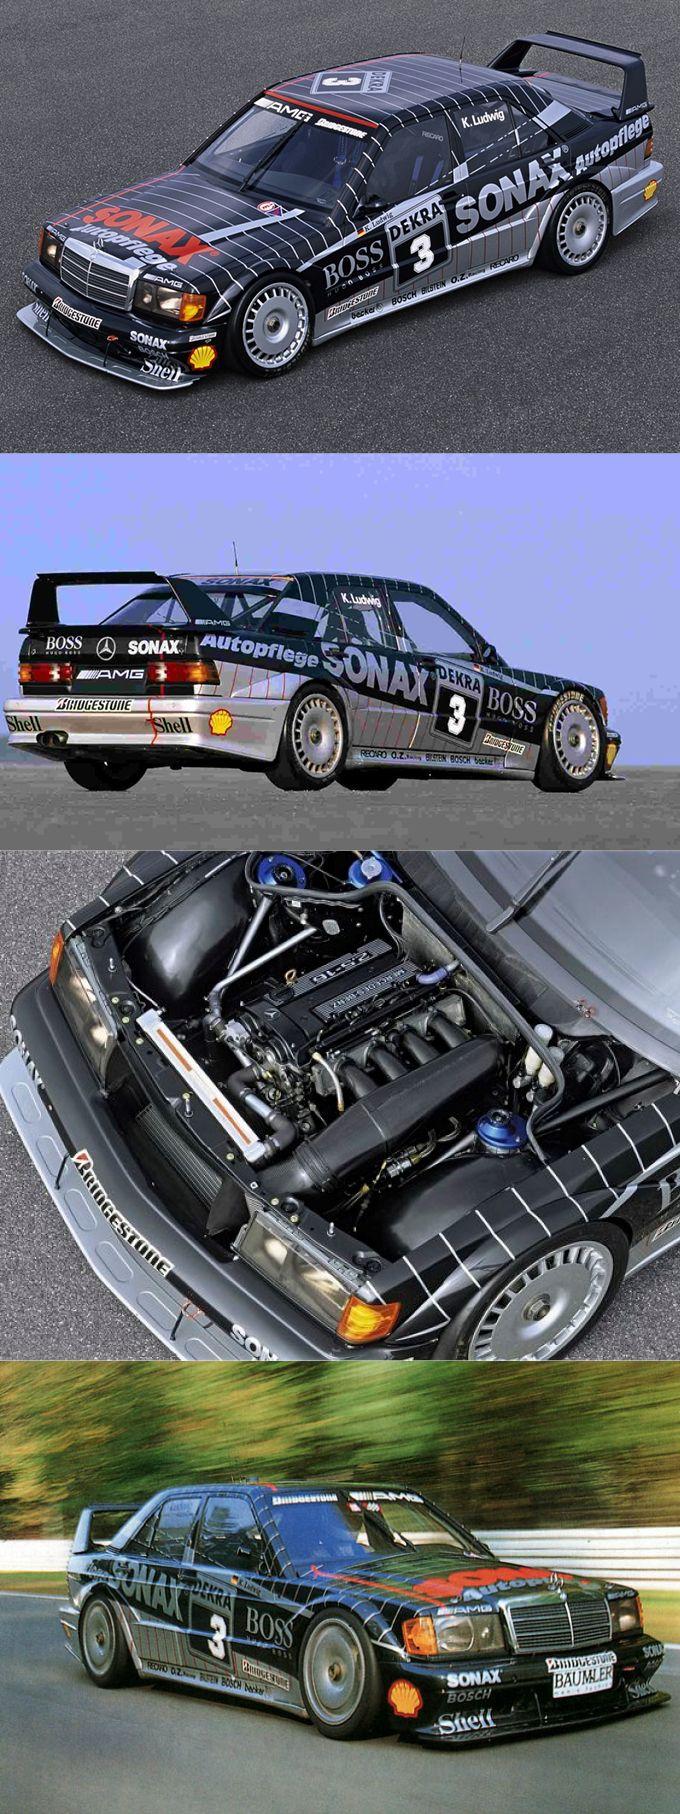 1992 Mercedes-Benz 190E 2.5-16 Evolution 2 / DTM winner / Klaus Ludwig / Germany / no.3 / black silver